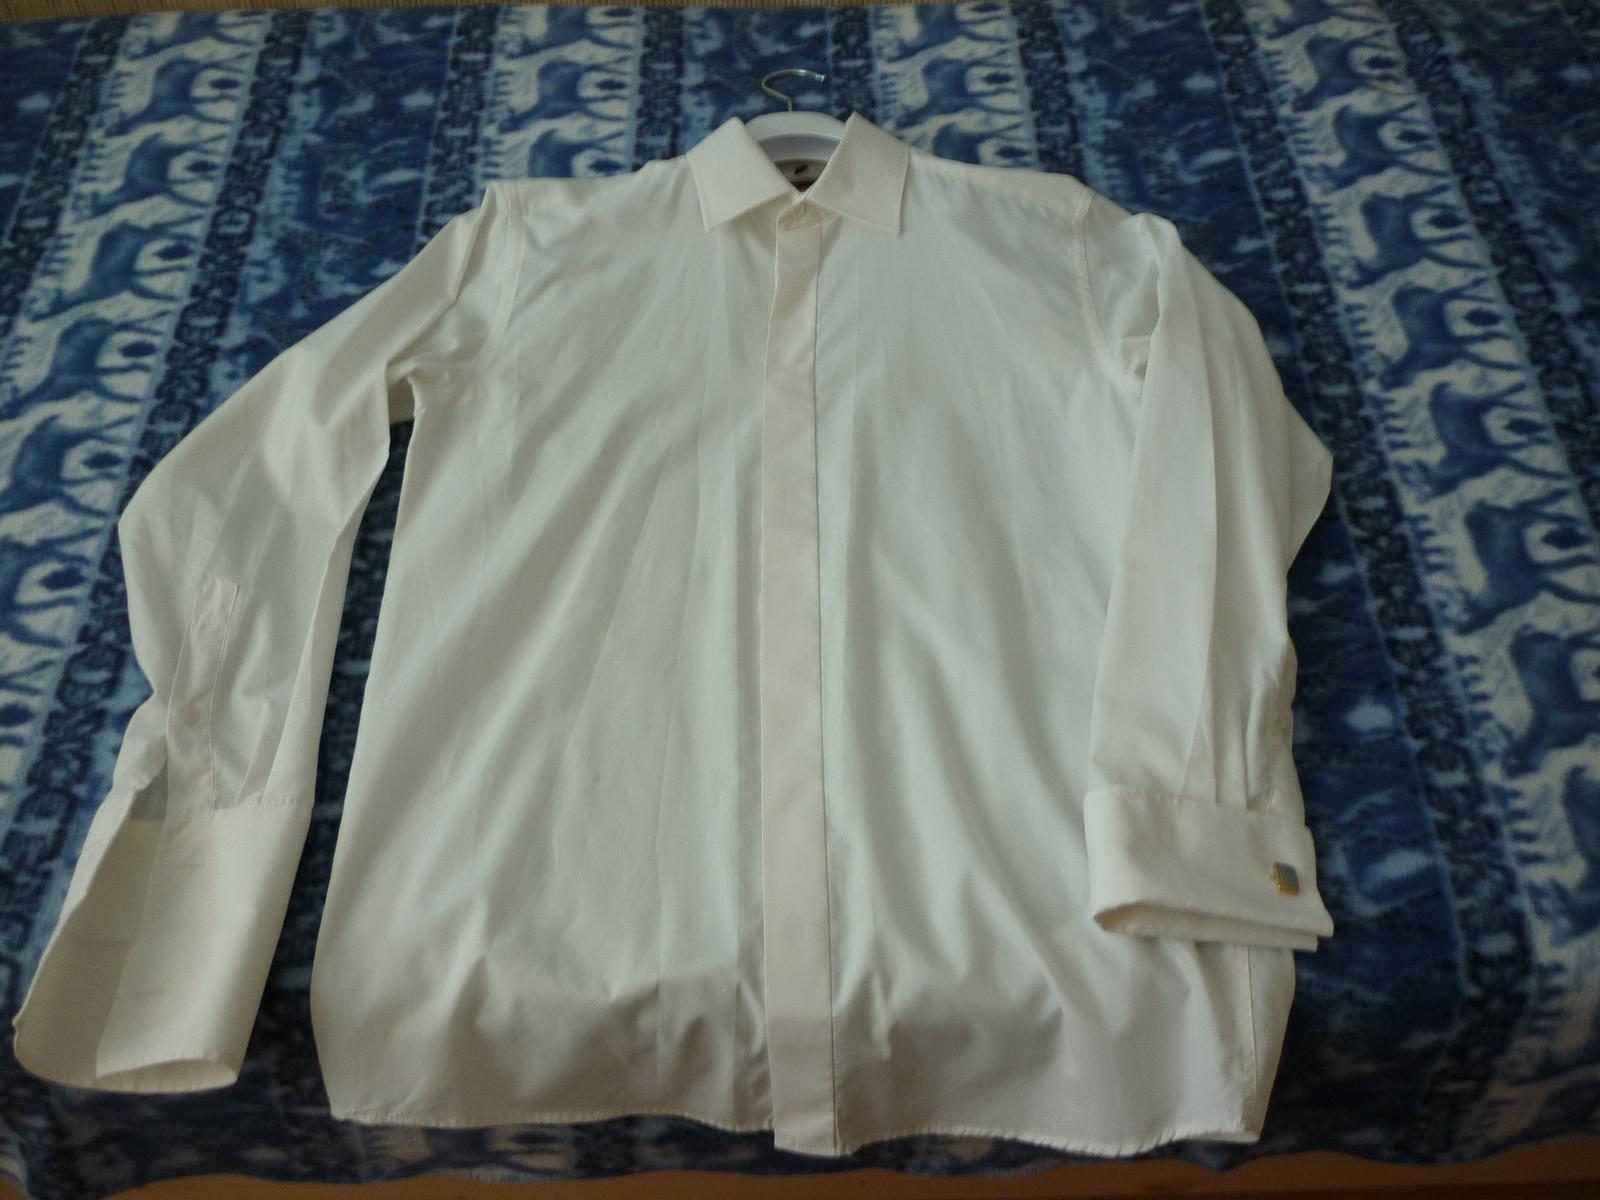 svadobná maslová košeľa - Obrázok č. 1